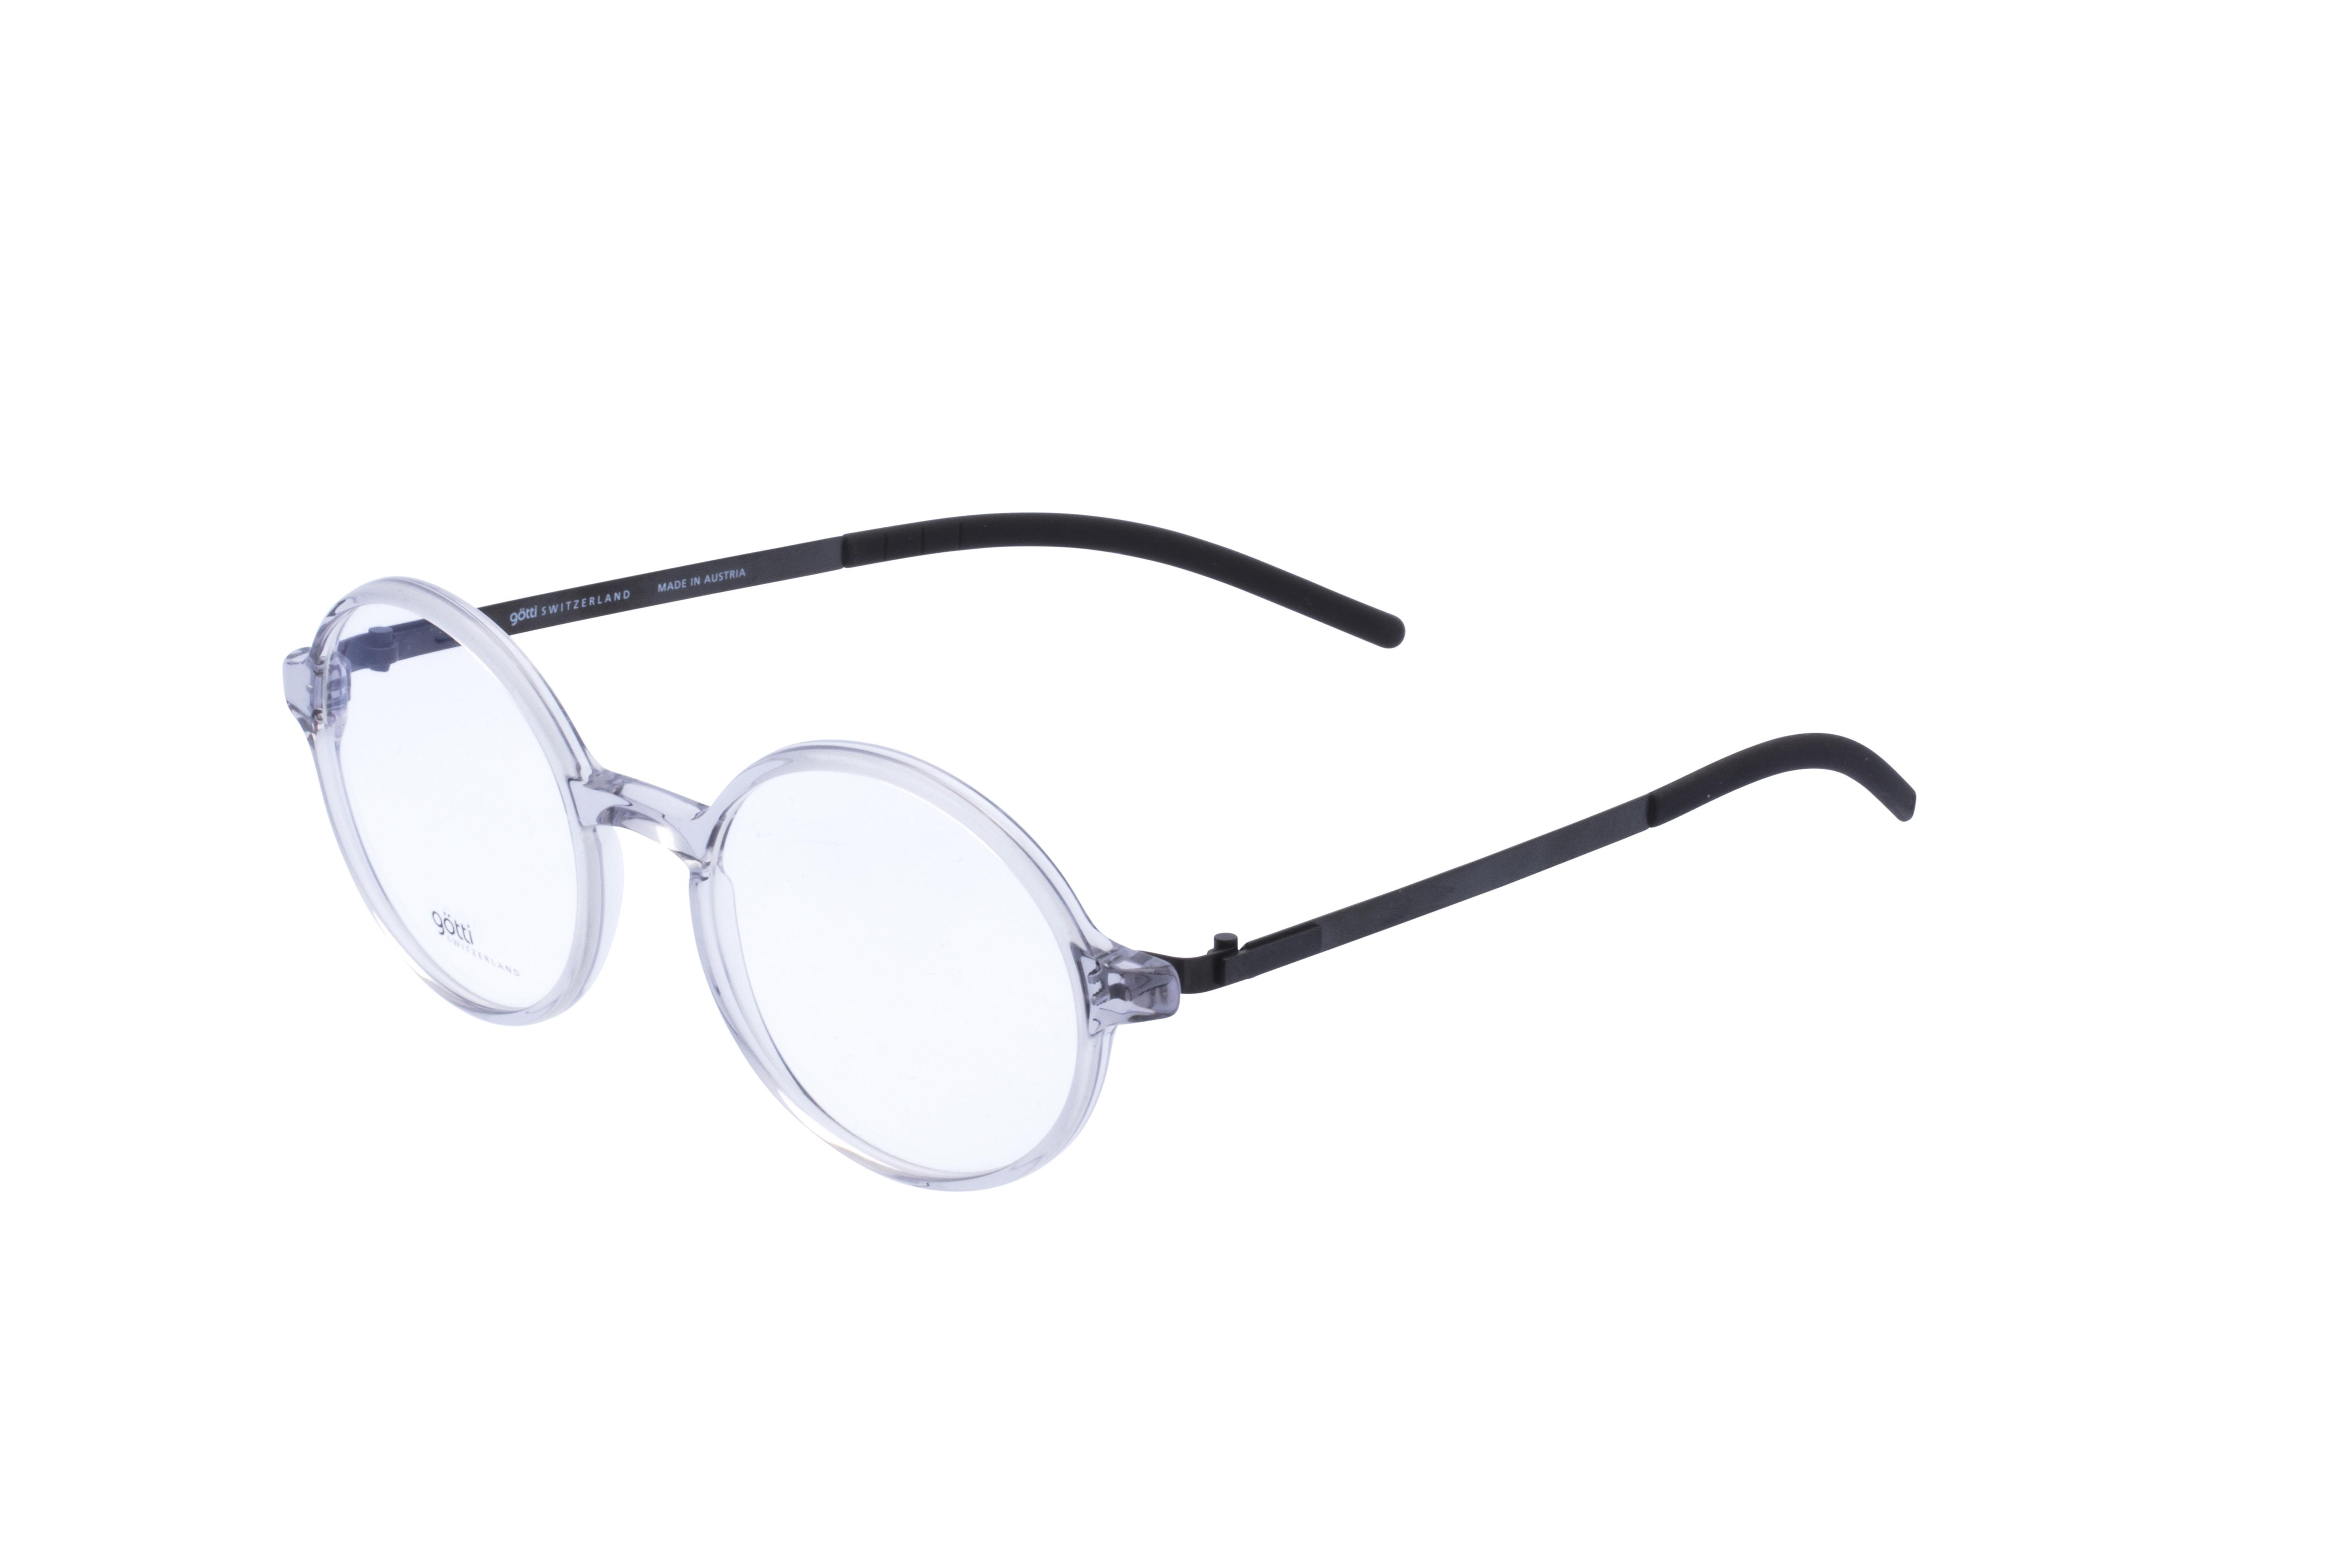 360 Grad Ansicht 21 Götti Sedrin, Brille auf Weiß - Fassung bei KUNK